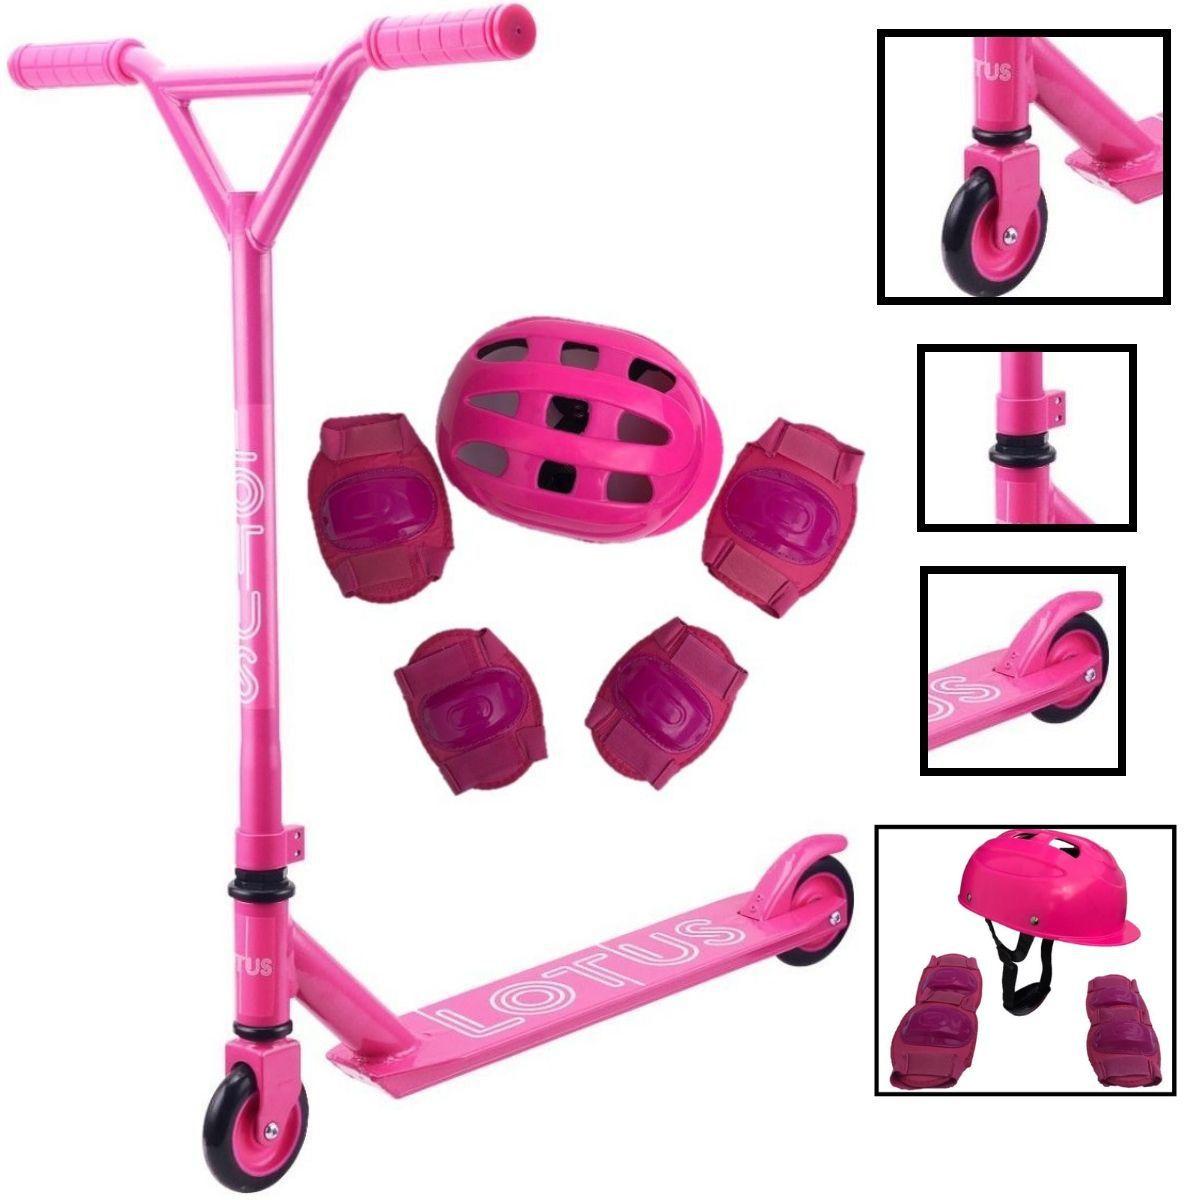 Kit Patinete Freestyle Para Manobras Até 100kg Feminino Rosa Com Proteção Segura Completa